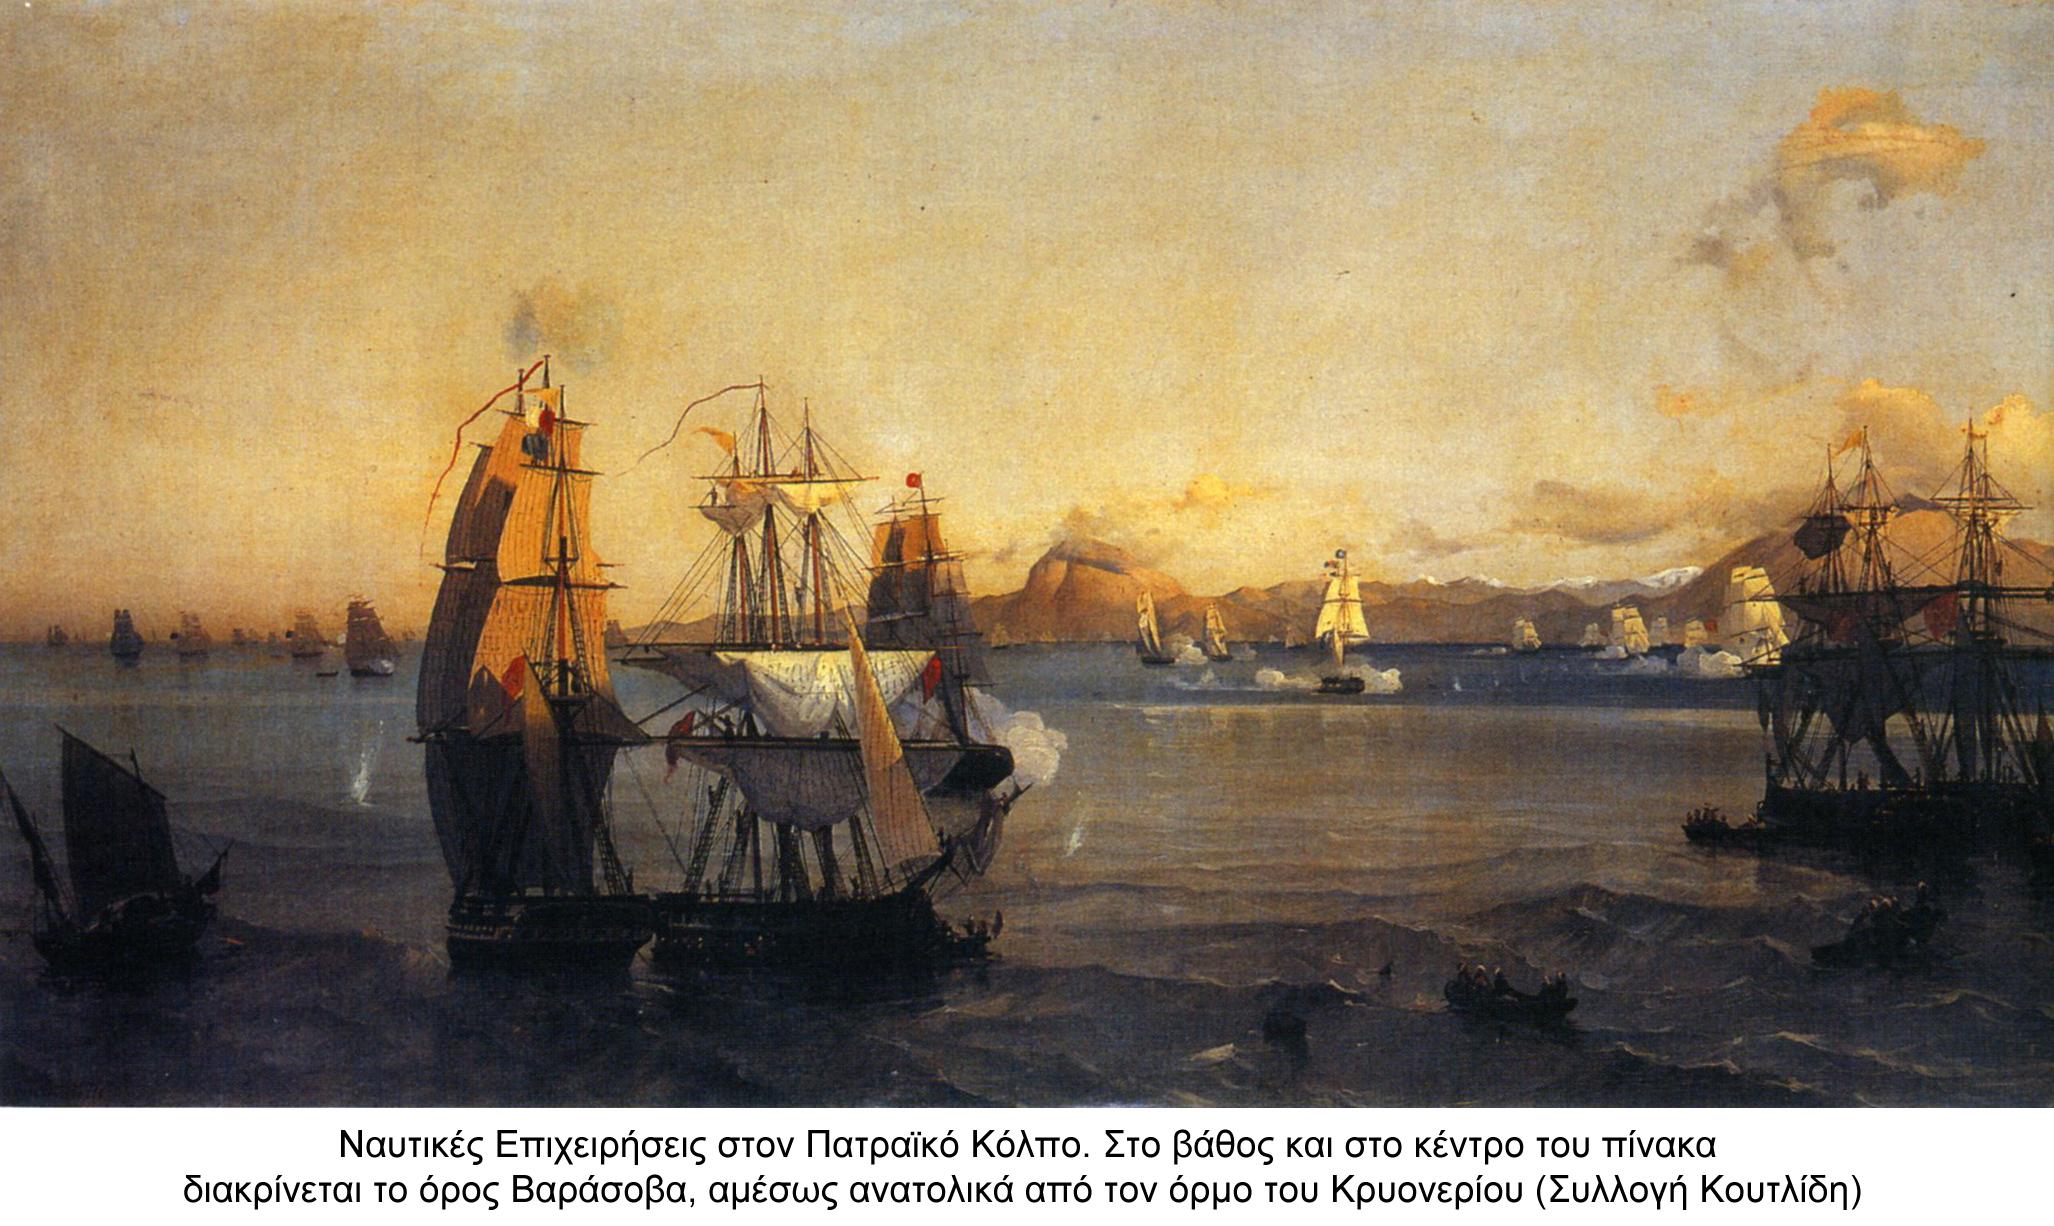 Ιταλοί Φιλέλληνες στις Πολιορκίες του Μεσολογγίου